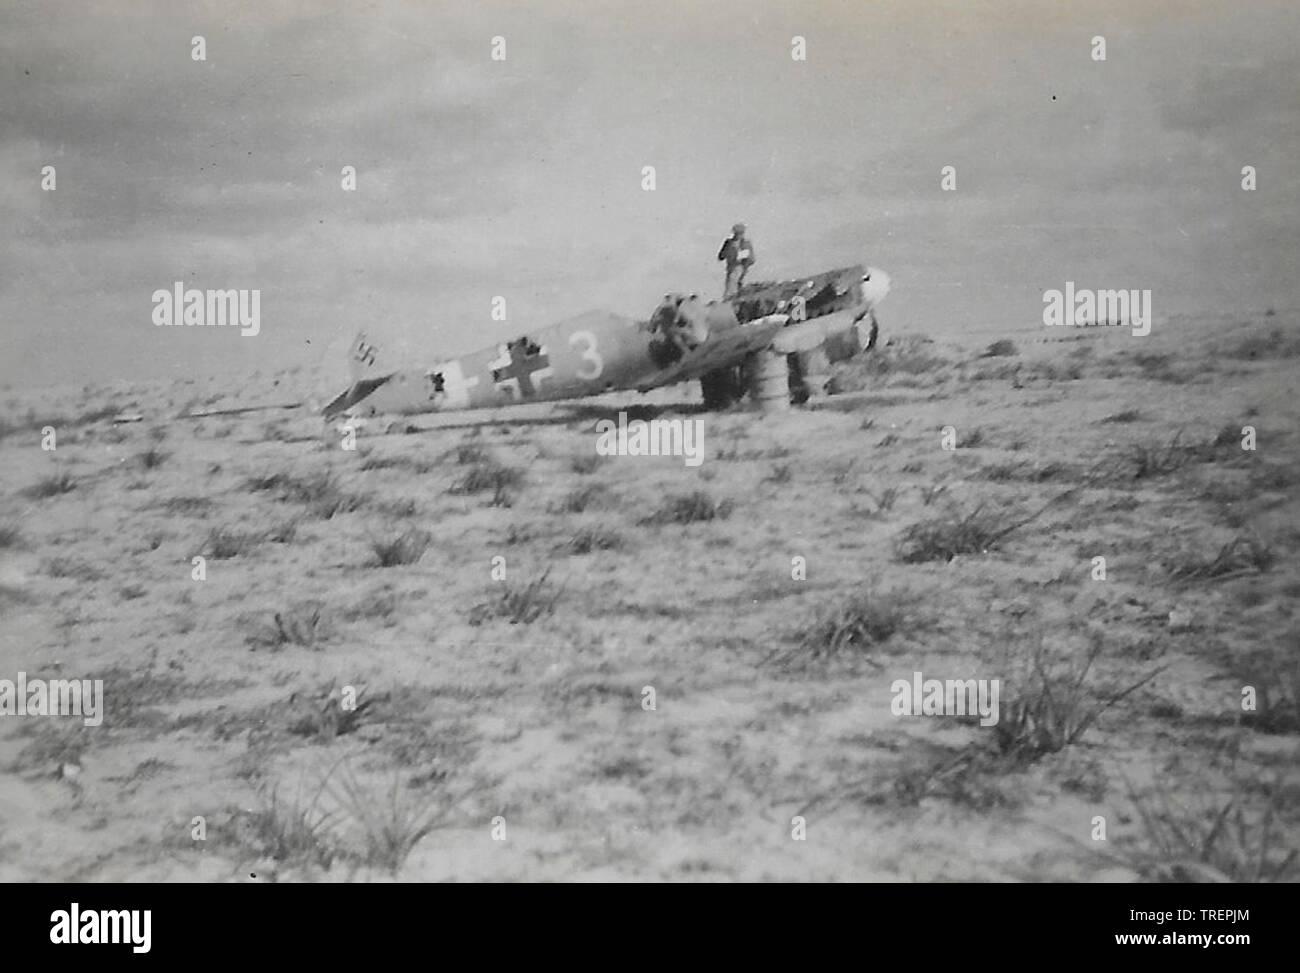 Chasseur allemand (ME109 BF109) avions ont bombardé sur piste. Prises en 1943/44 par Flt Sgt Gleed RAF WW2, de l'Escadron 223 Photo Stock